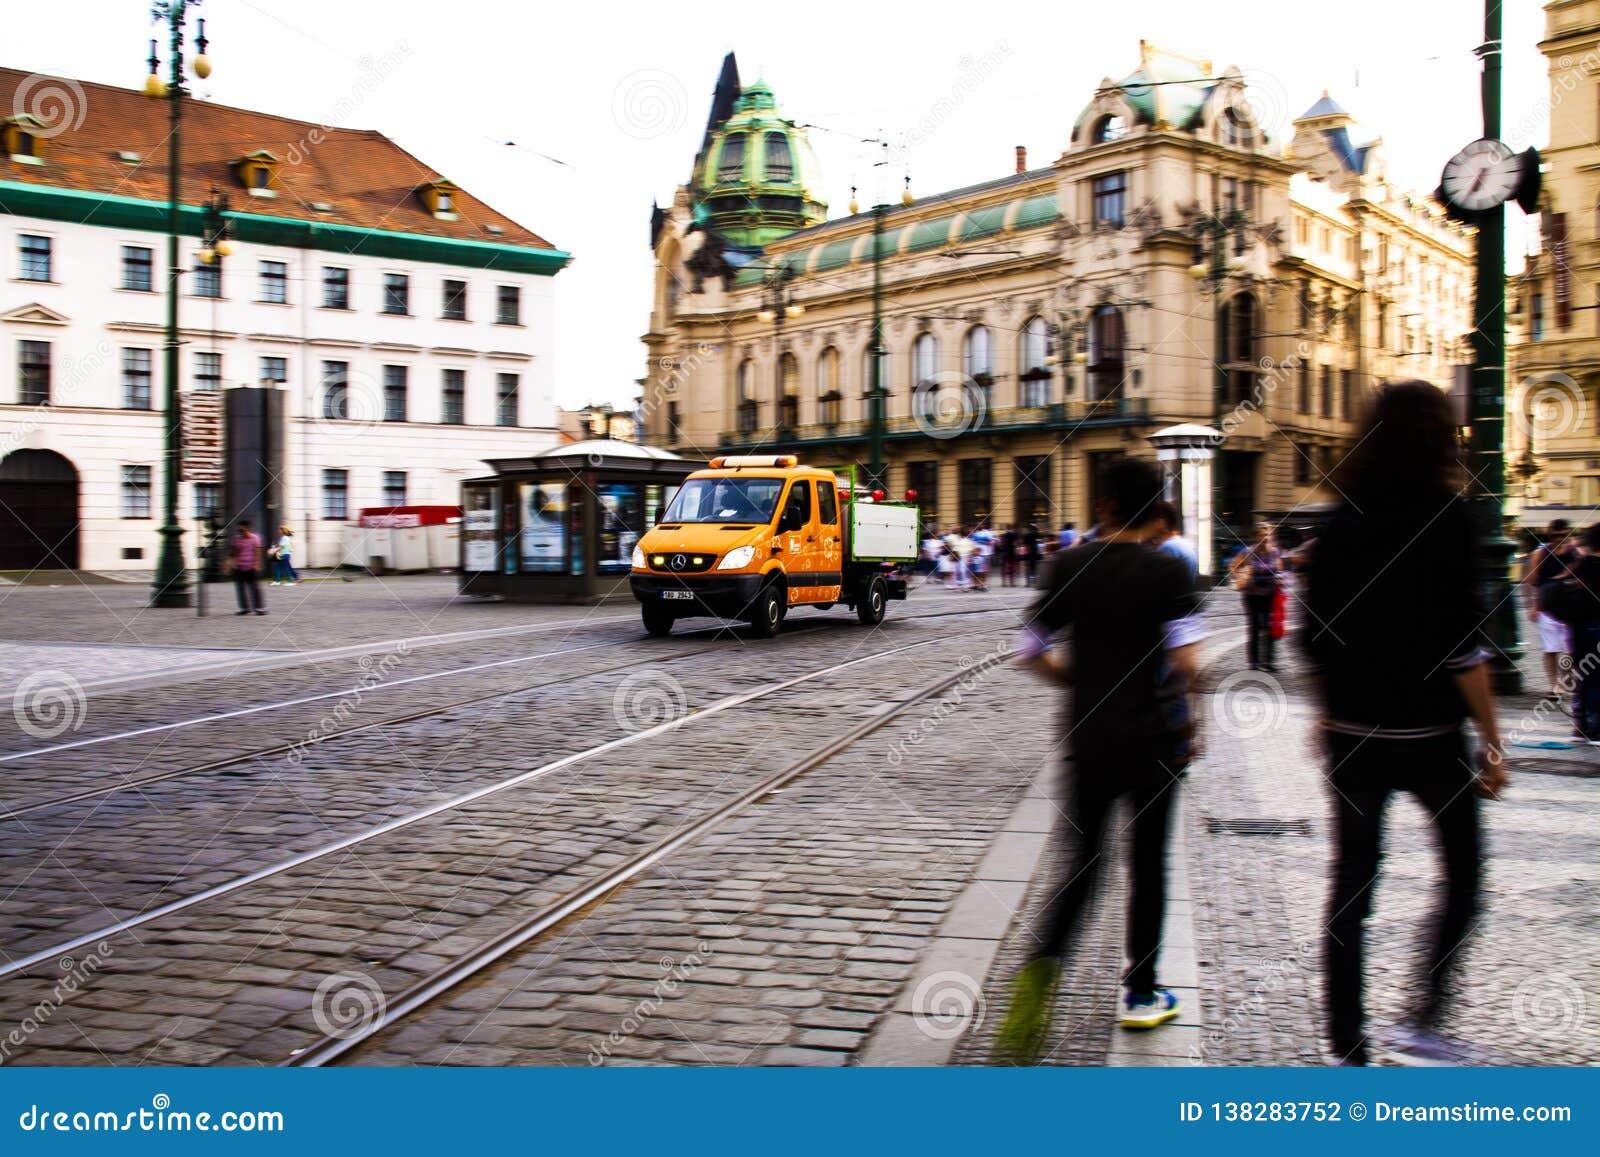 垃圾收集工和垃圾车在布拉格